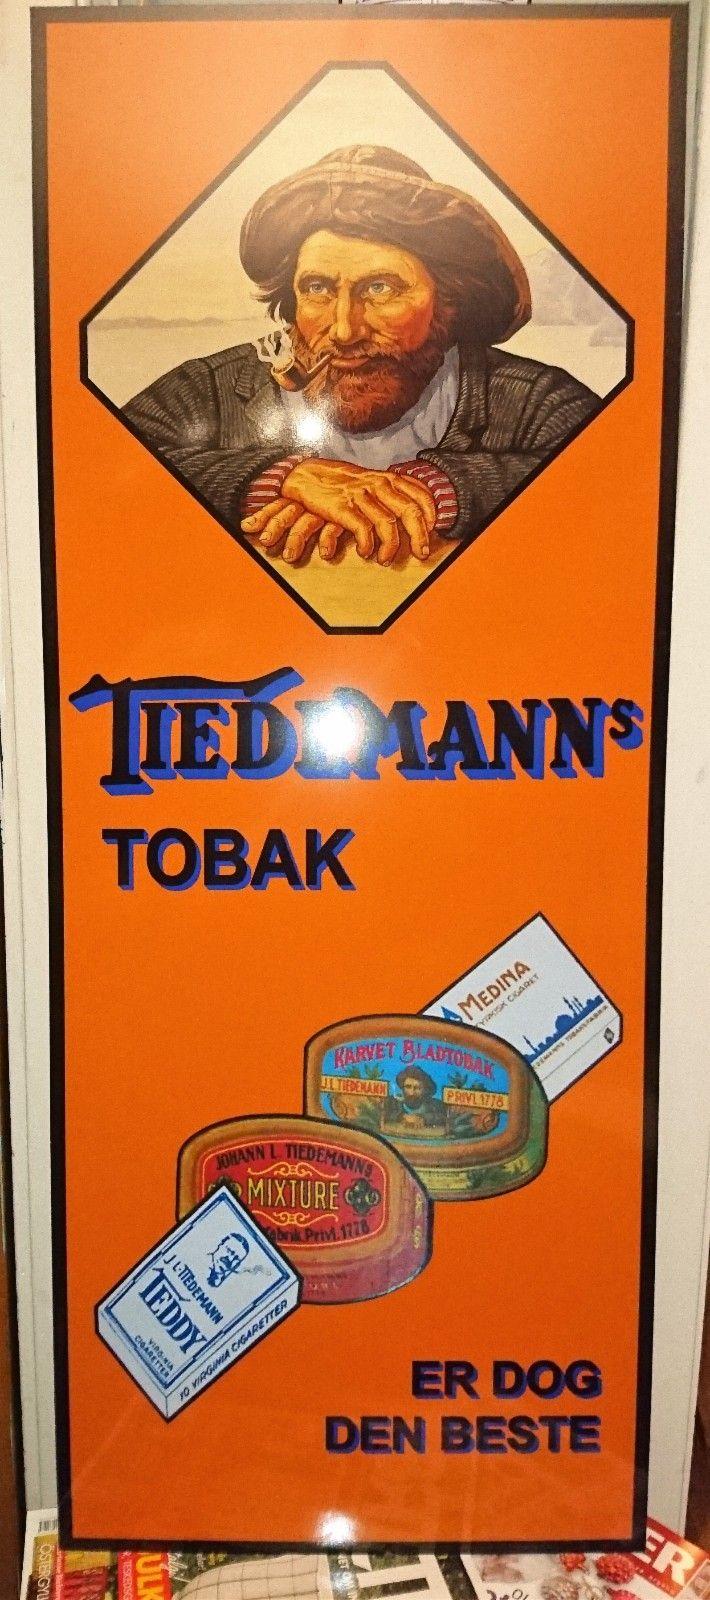 Tiedemanns tobak skilt 1m x 40 cm repro - Kongsvinger  - nytt reprodusert skilt 1m x 40 cm gjenskinn av blitz på bildet.....helt strøkent - Kongsvinger